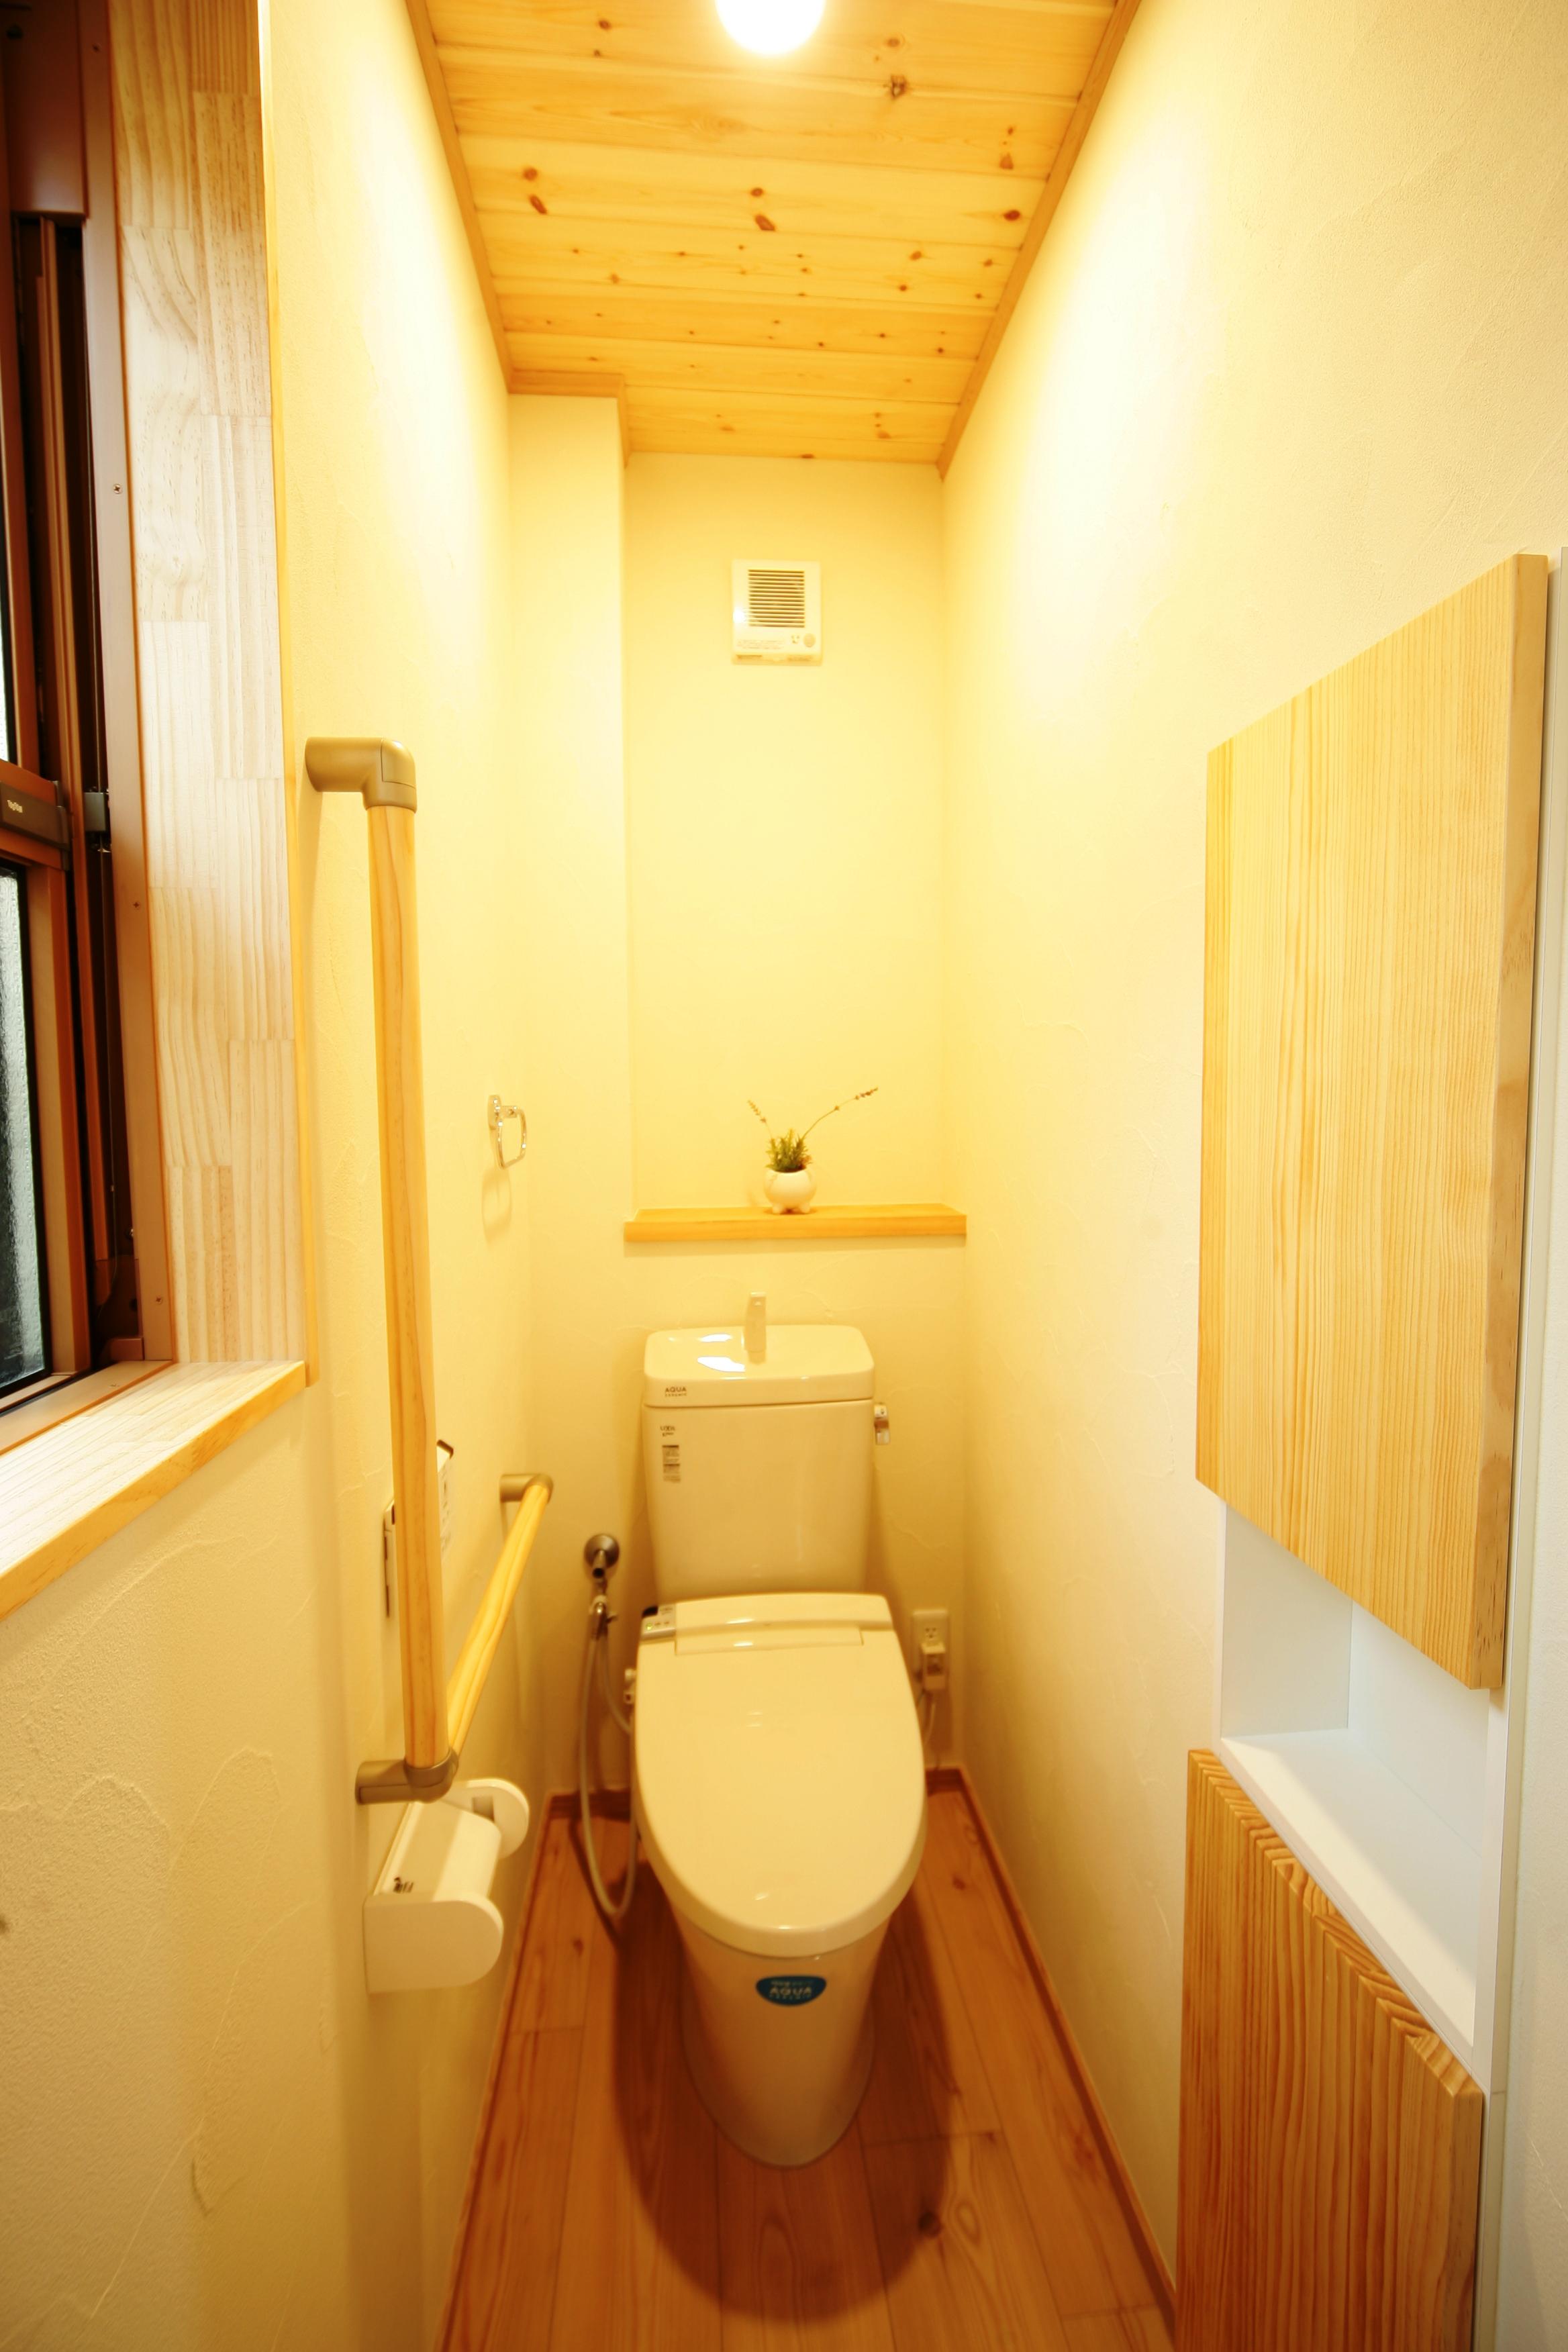 住まいるコーポレーション【和風、自然素材、省エネ】トイレももちろんオール無垢・オール珪藻土。多孔質の珪藻土がアンモニア臭を吸着・分解してくれるので、ニオイも気にならない